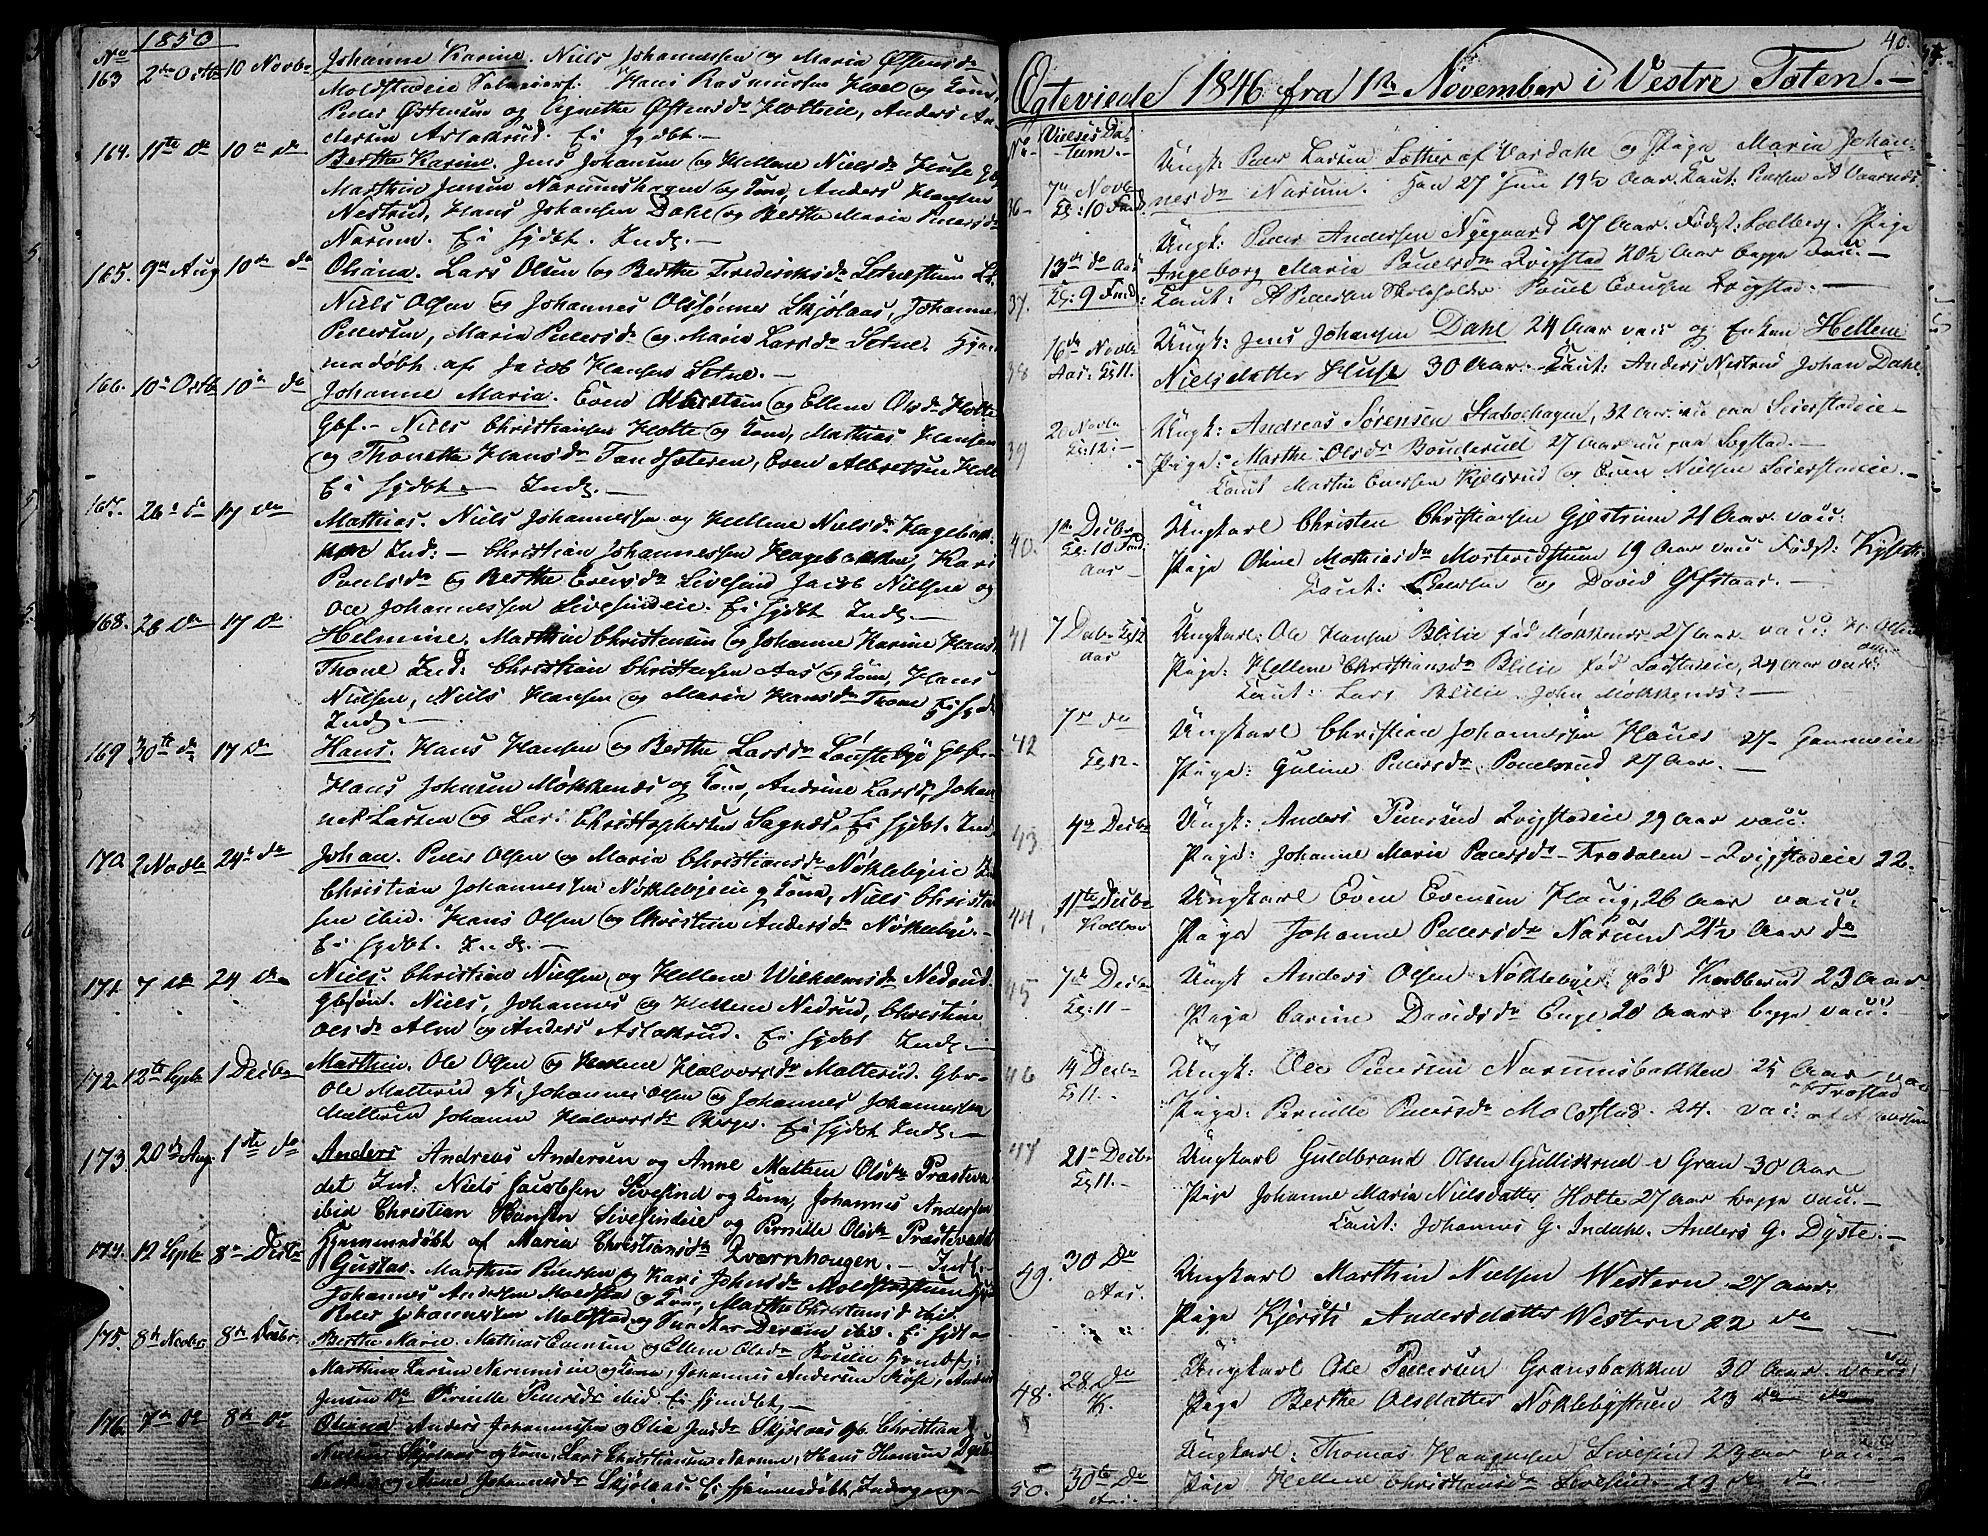 SAH, Vestre Toten prestekontor, H/Ha/Hab/L0003: Klokkerbok nr. 3, 1846-1854, s. 40